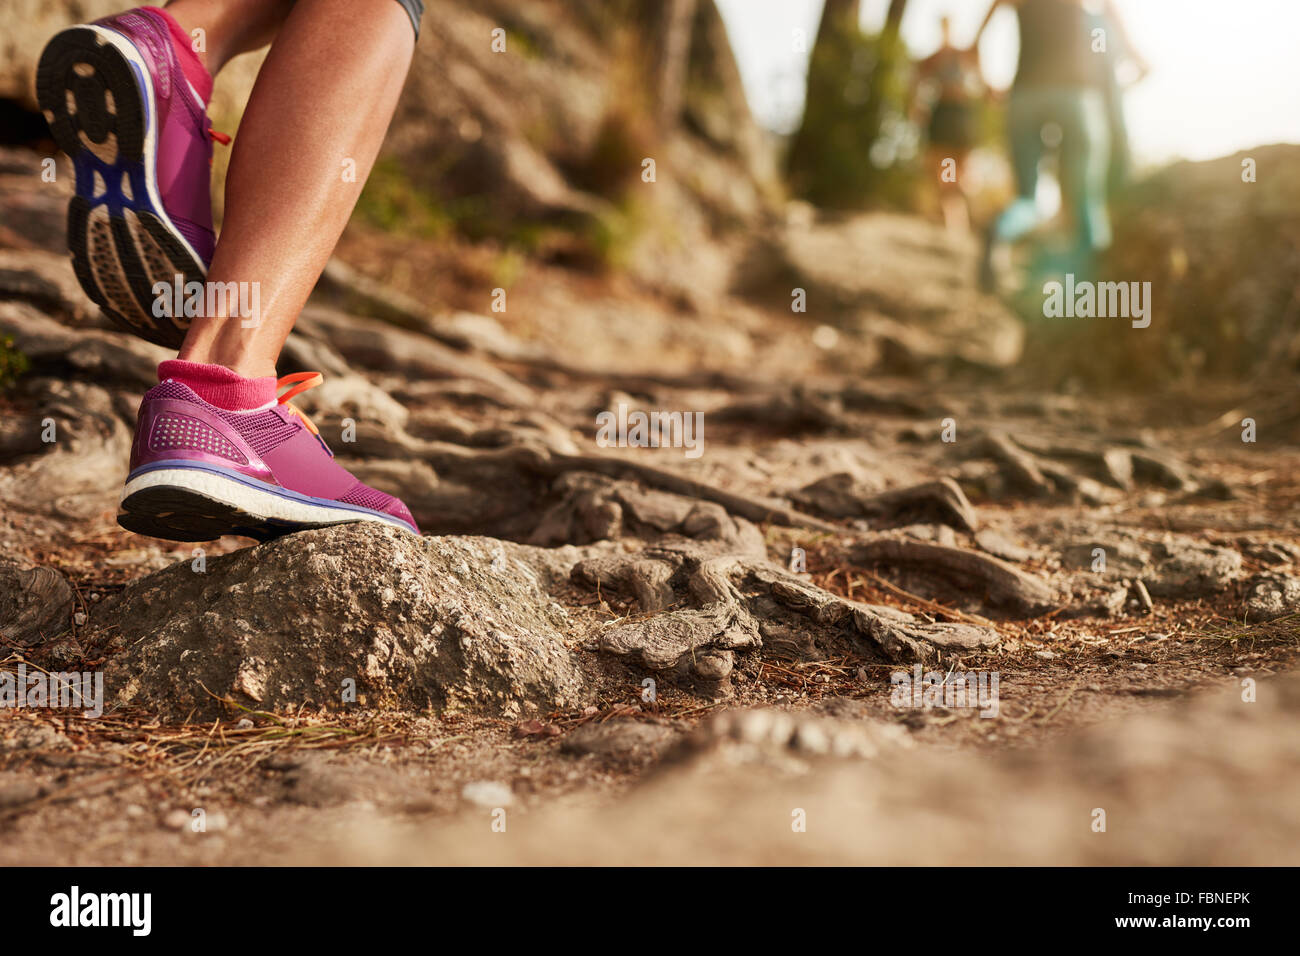 Ein Athlet der Füße tragen Sportschuhe auf einem anspruchsvollen Feldweg hautnah. Trail running Training Stockbild